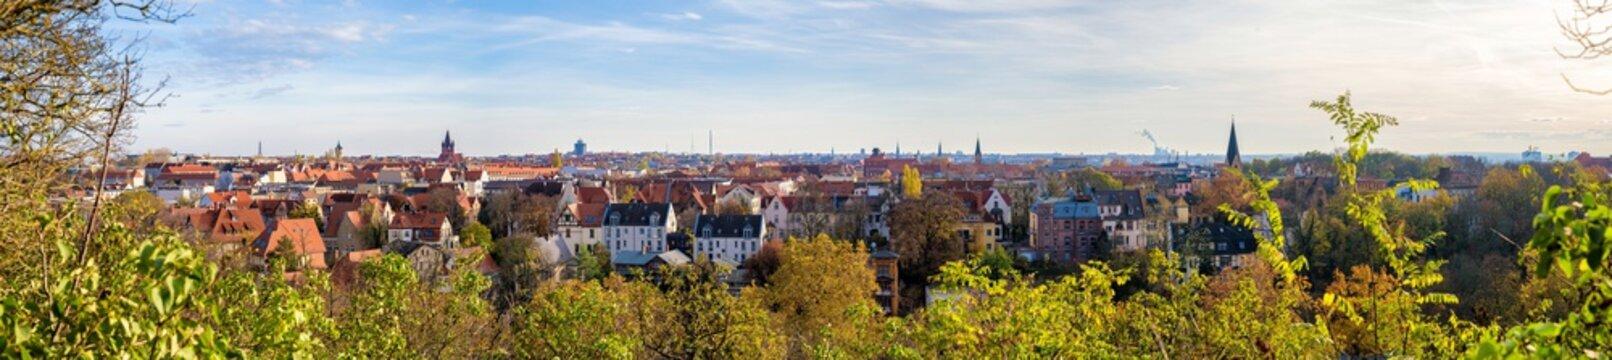 Großes Panorama über die Skyline der Stadt Halle Saale in Deutschland